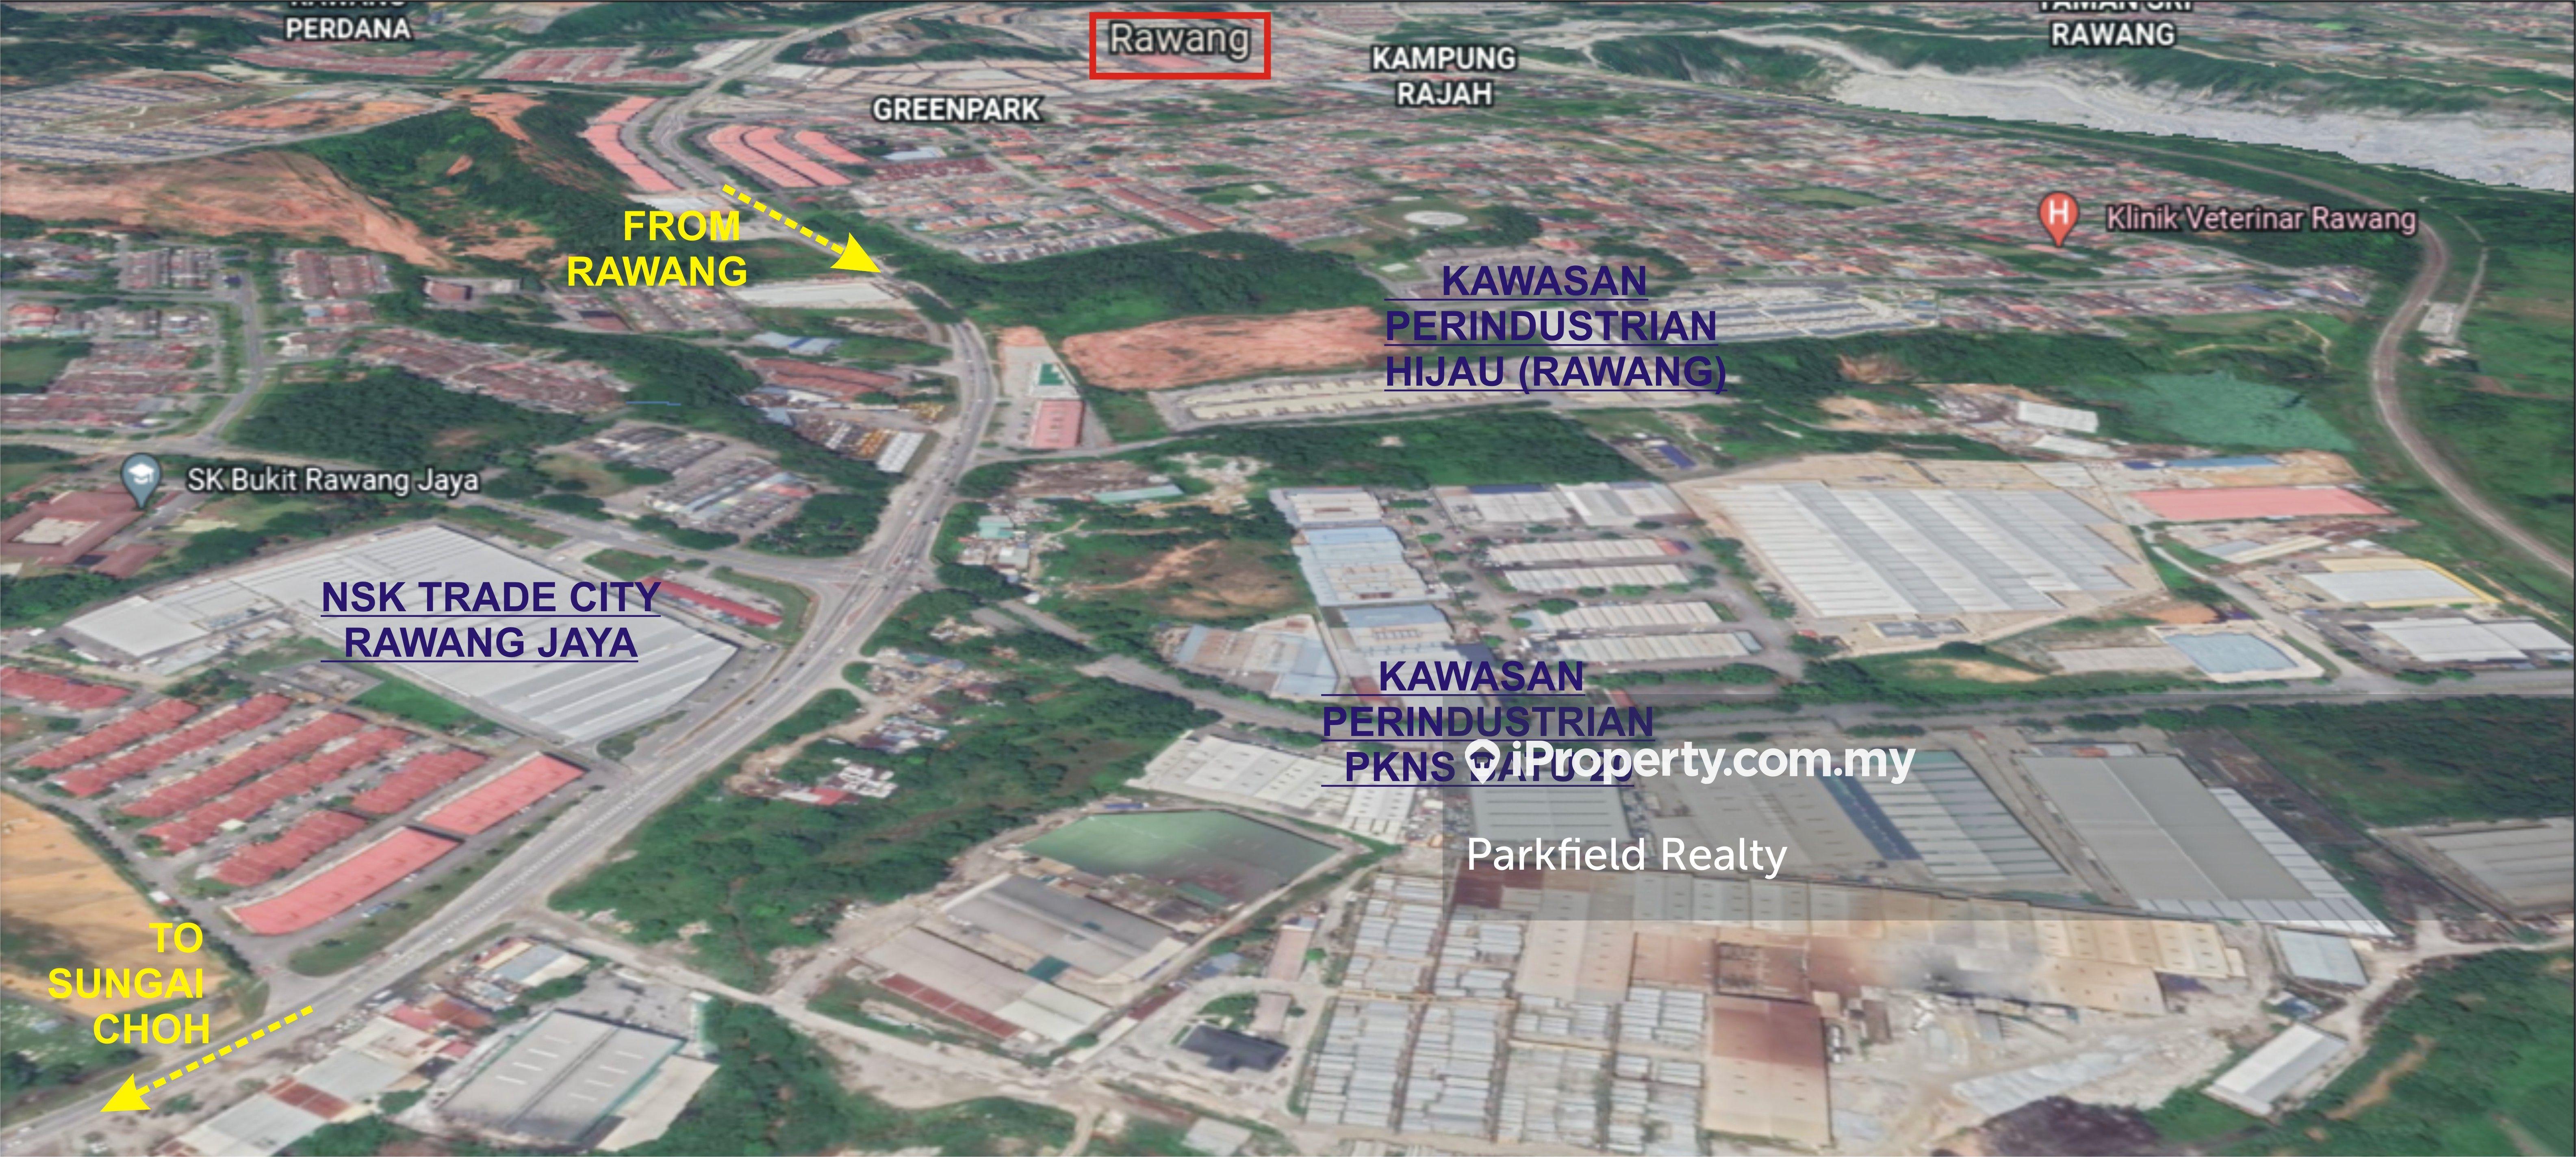 Agricultural Land (Zone Industrial) Kawasan Perindustrian PKNS Batu 20, Rawang, Near NSK Rawang Jaya, Rawang